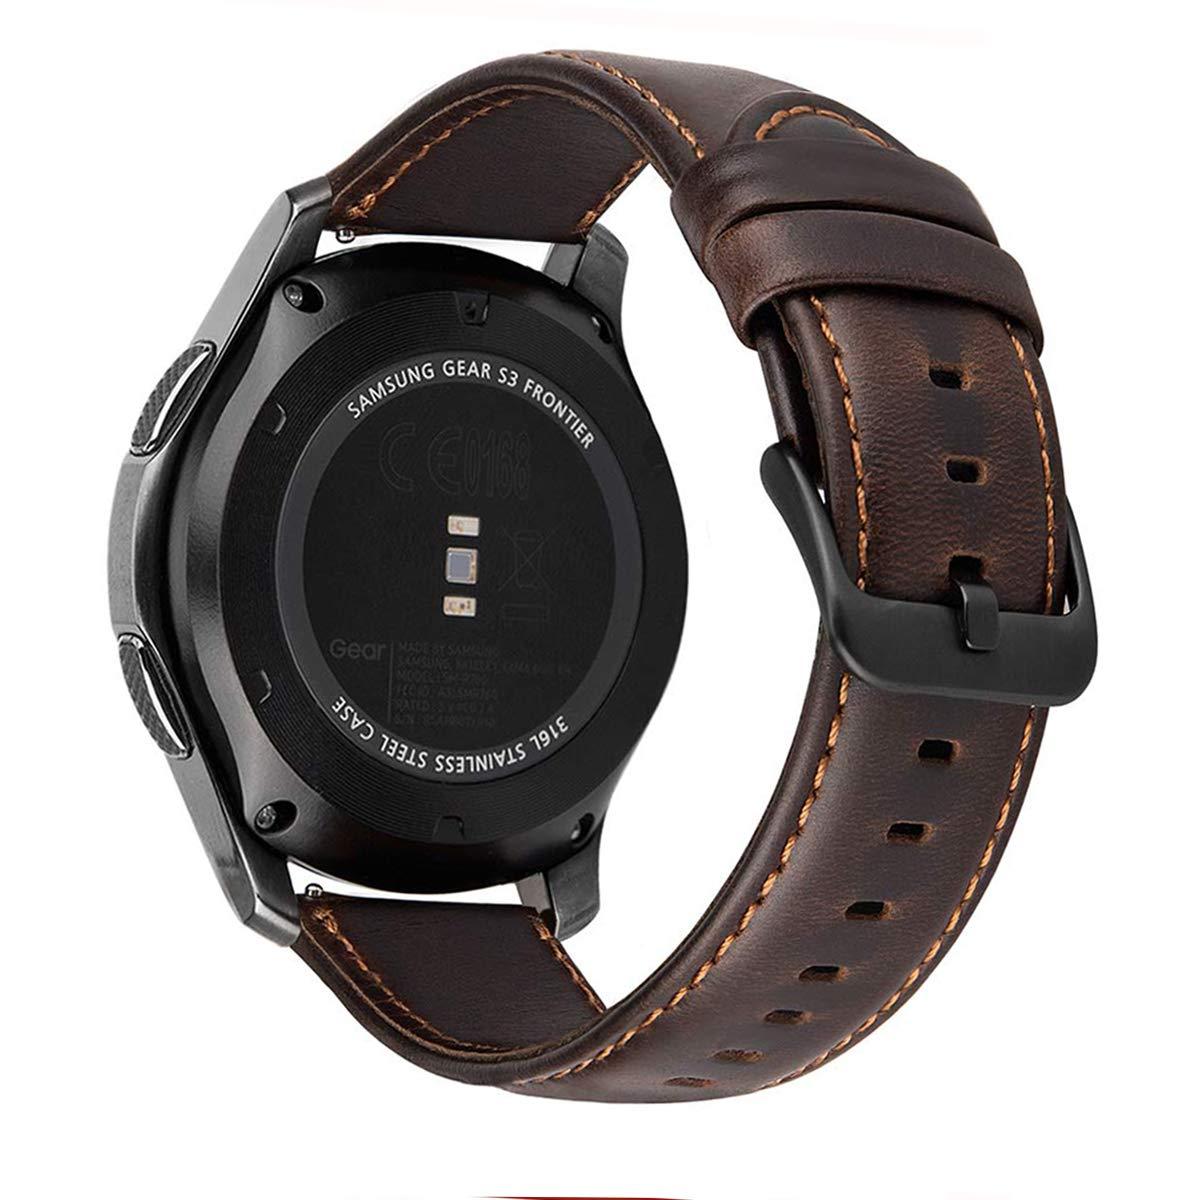 MroTech Correa Gear S3 Compatible para Samsung Galaxy Watch 46mm/S3 Frontier/Classic Pulseras de Repuesto para Huawei Watch GT 2 /GT Sport/Active/Elegant Correa 22mm Piel Banda de Cuero -café: Amazon.es: Electrónica